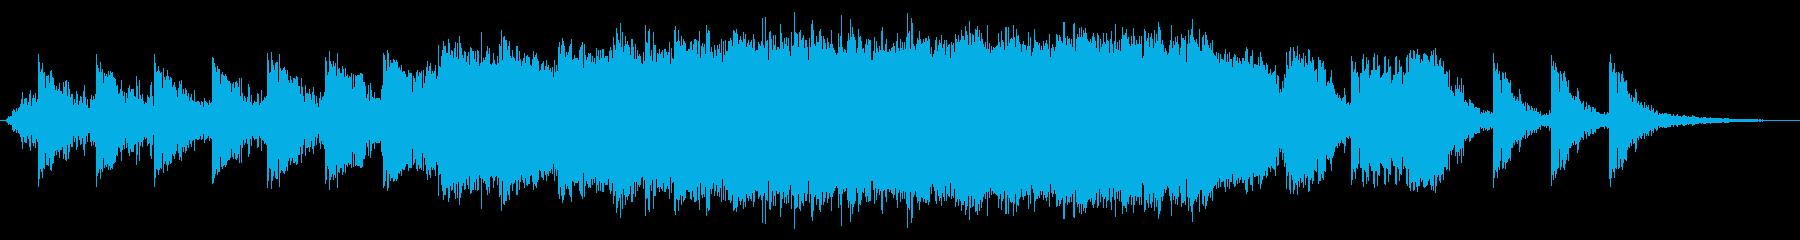 パワートライブミュージカルベッドの再生済みの波形